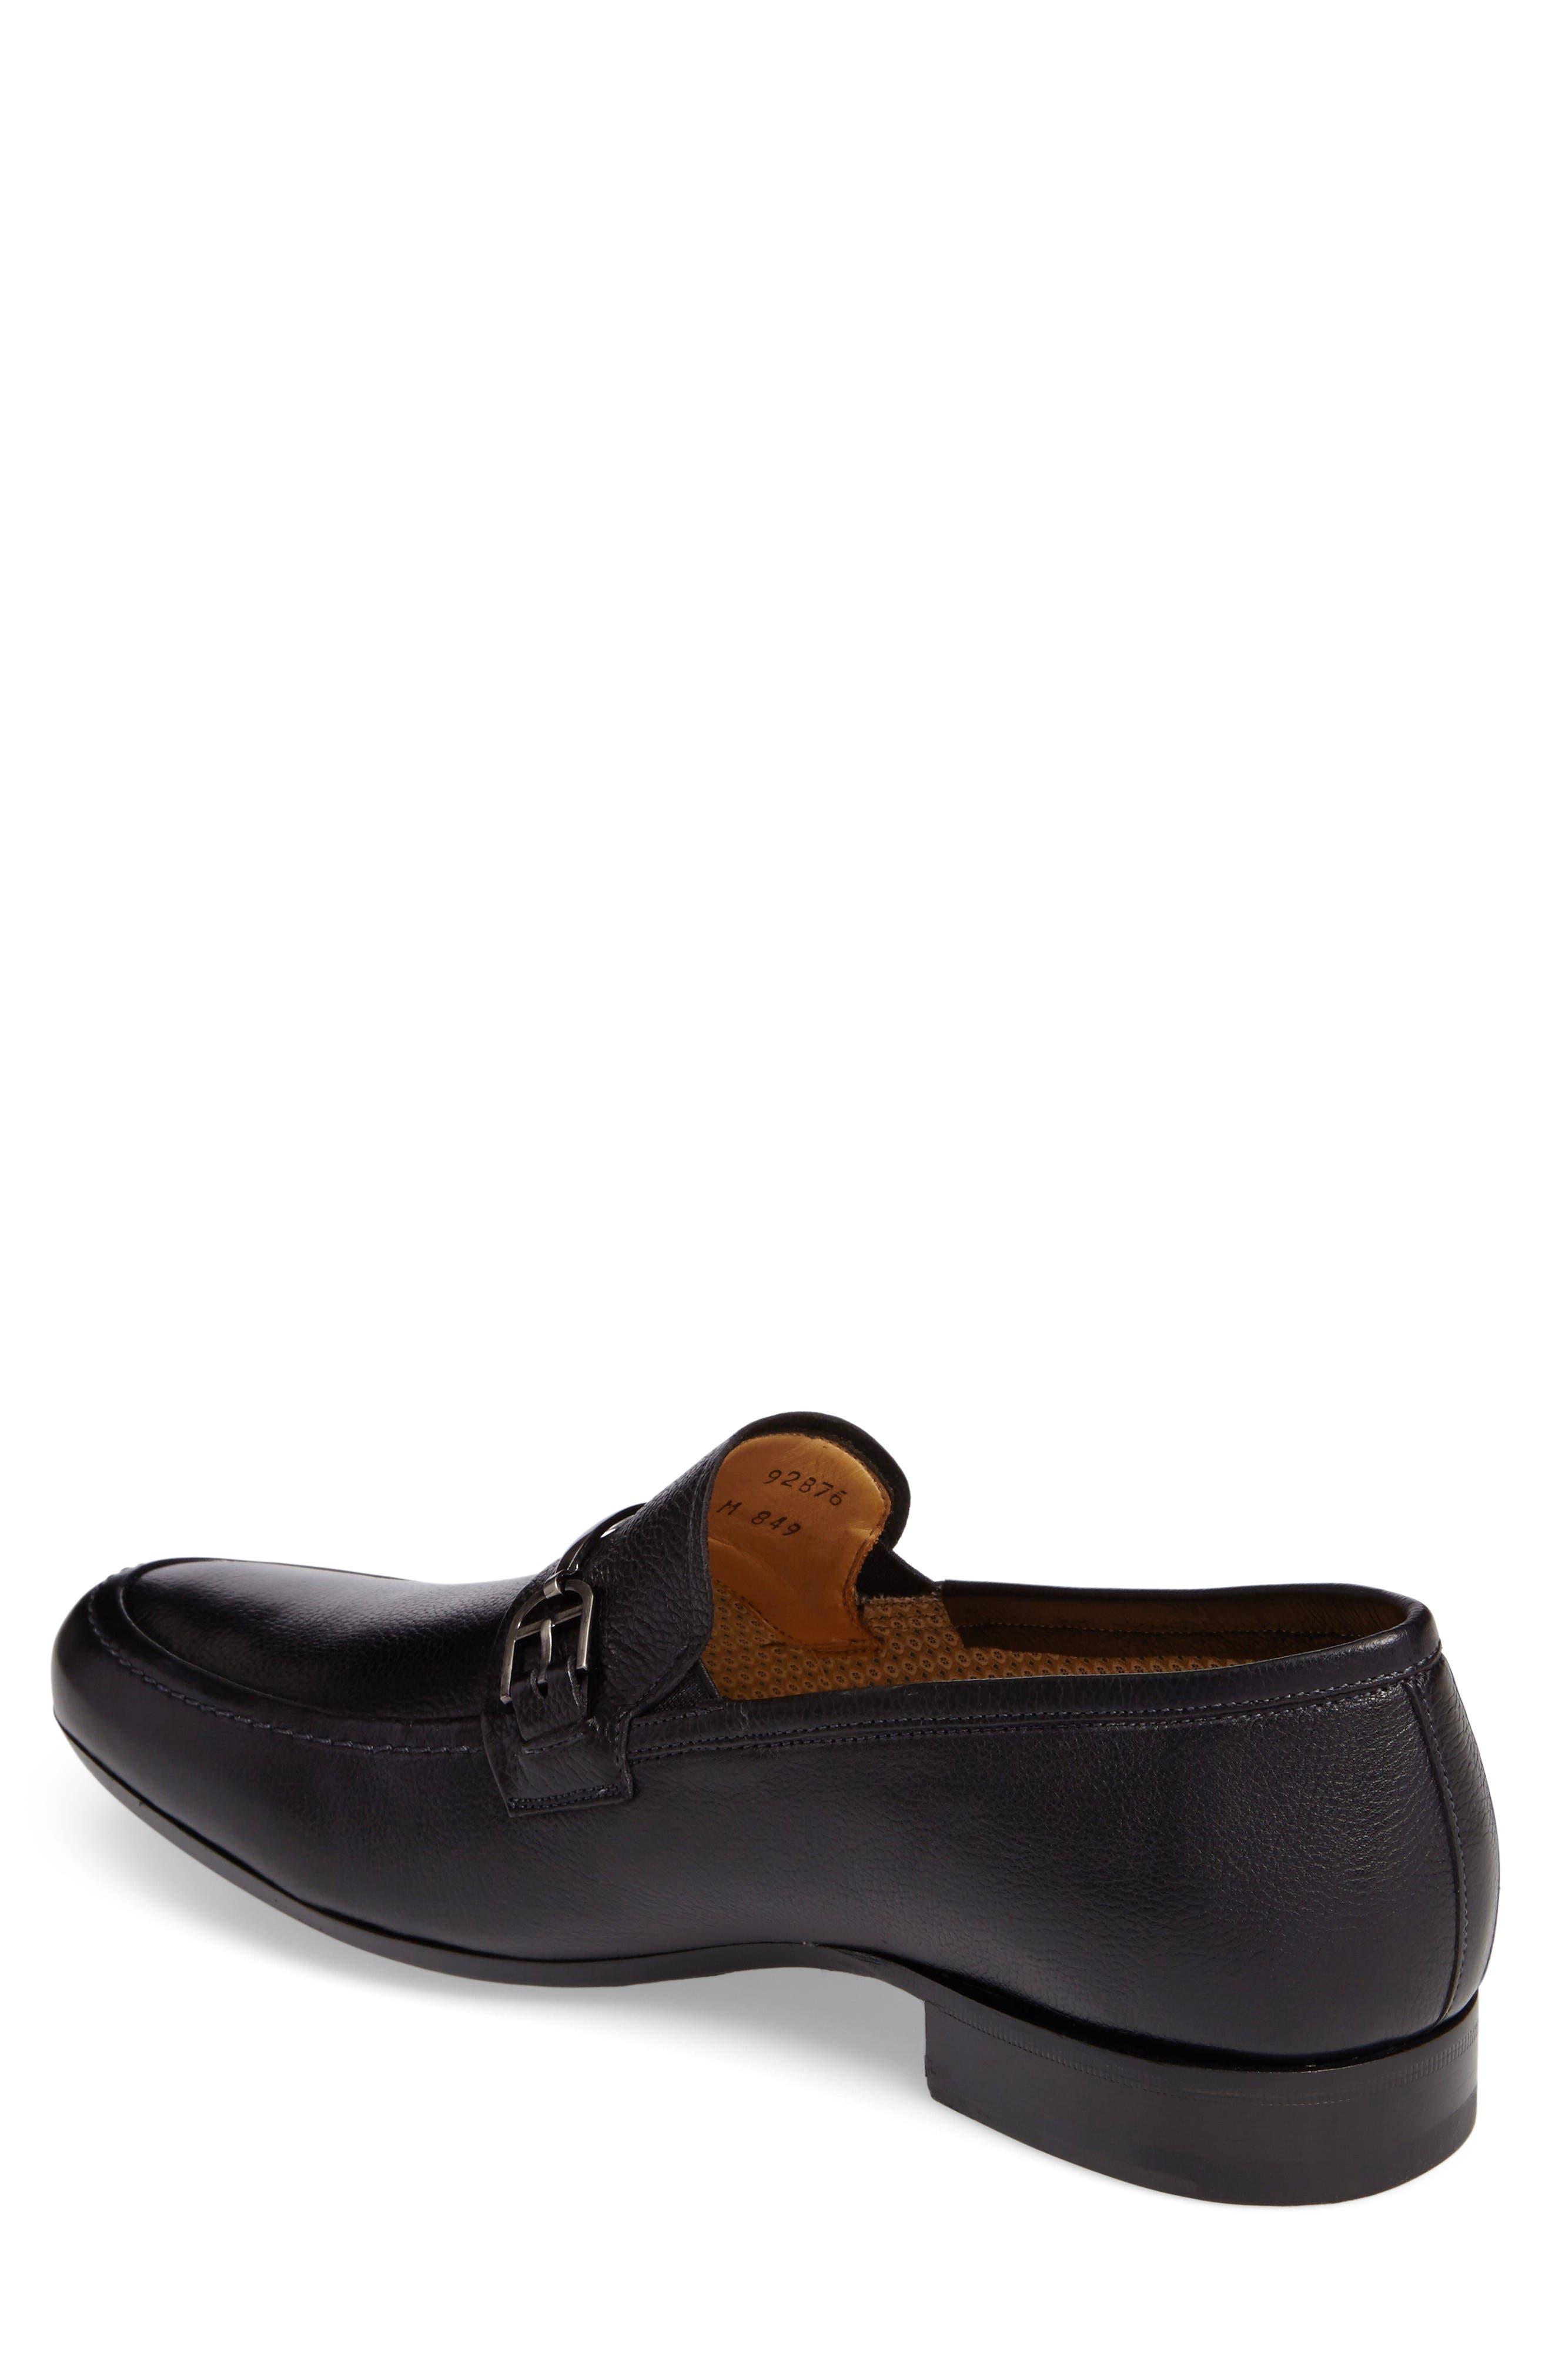 Binet Bit Loafer,                             Alternate thumbnail 2, color,                             Black Leather